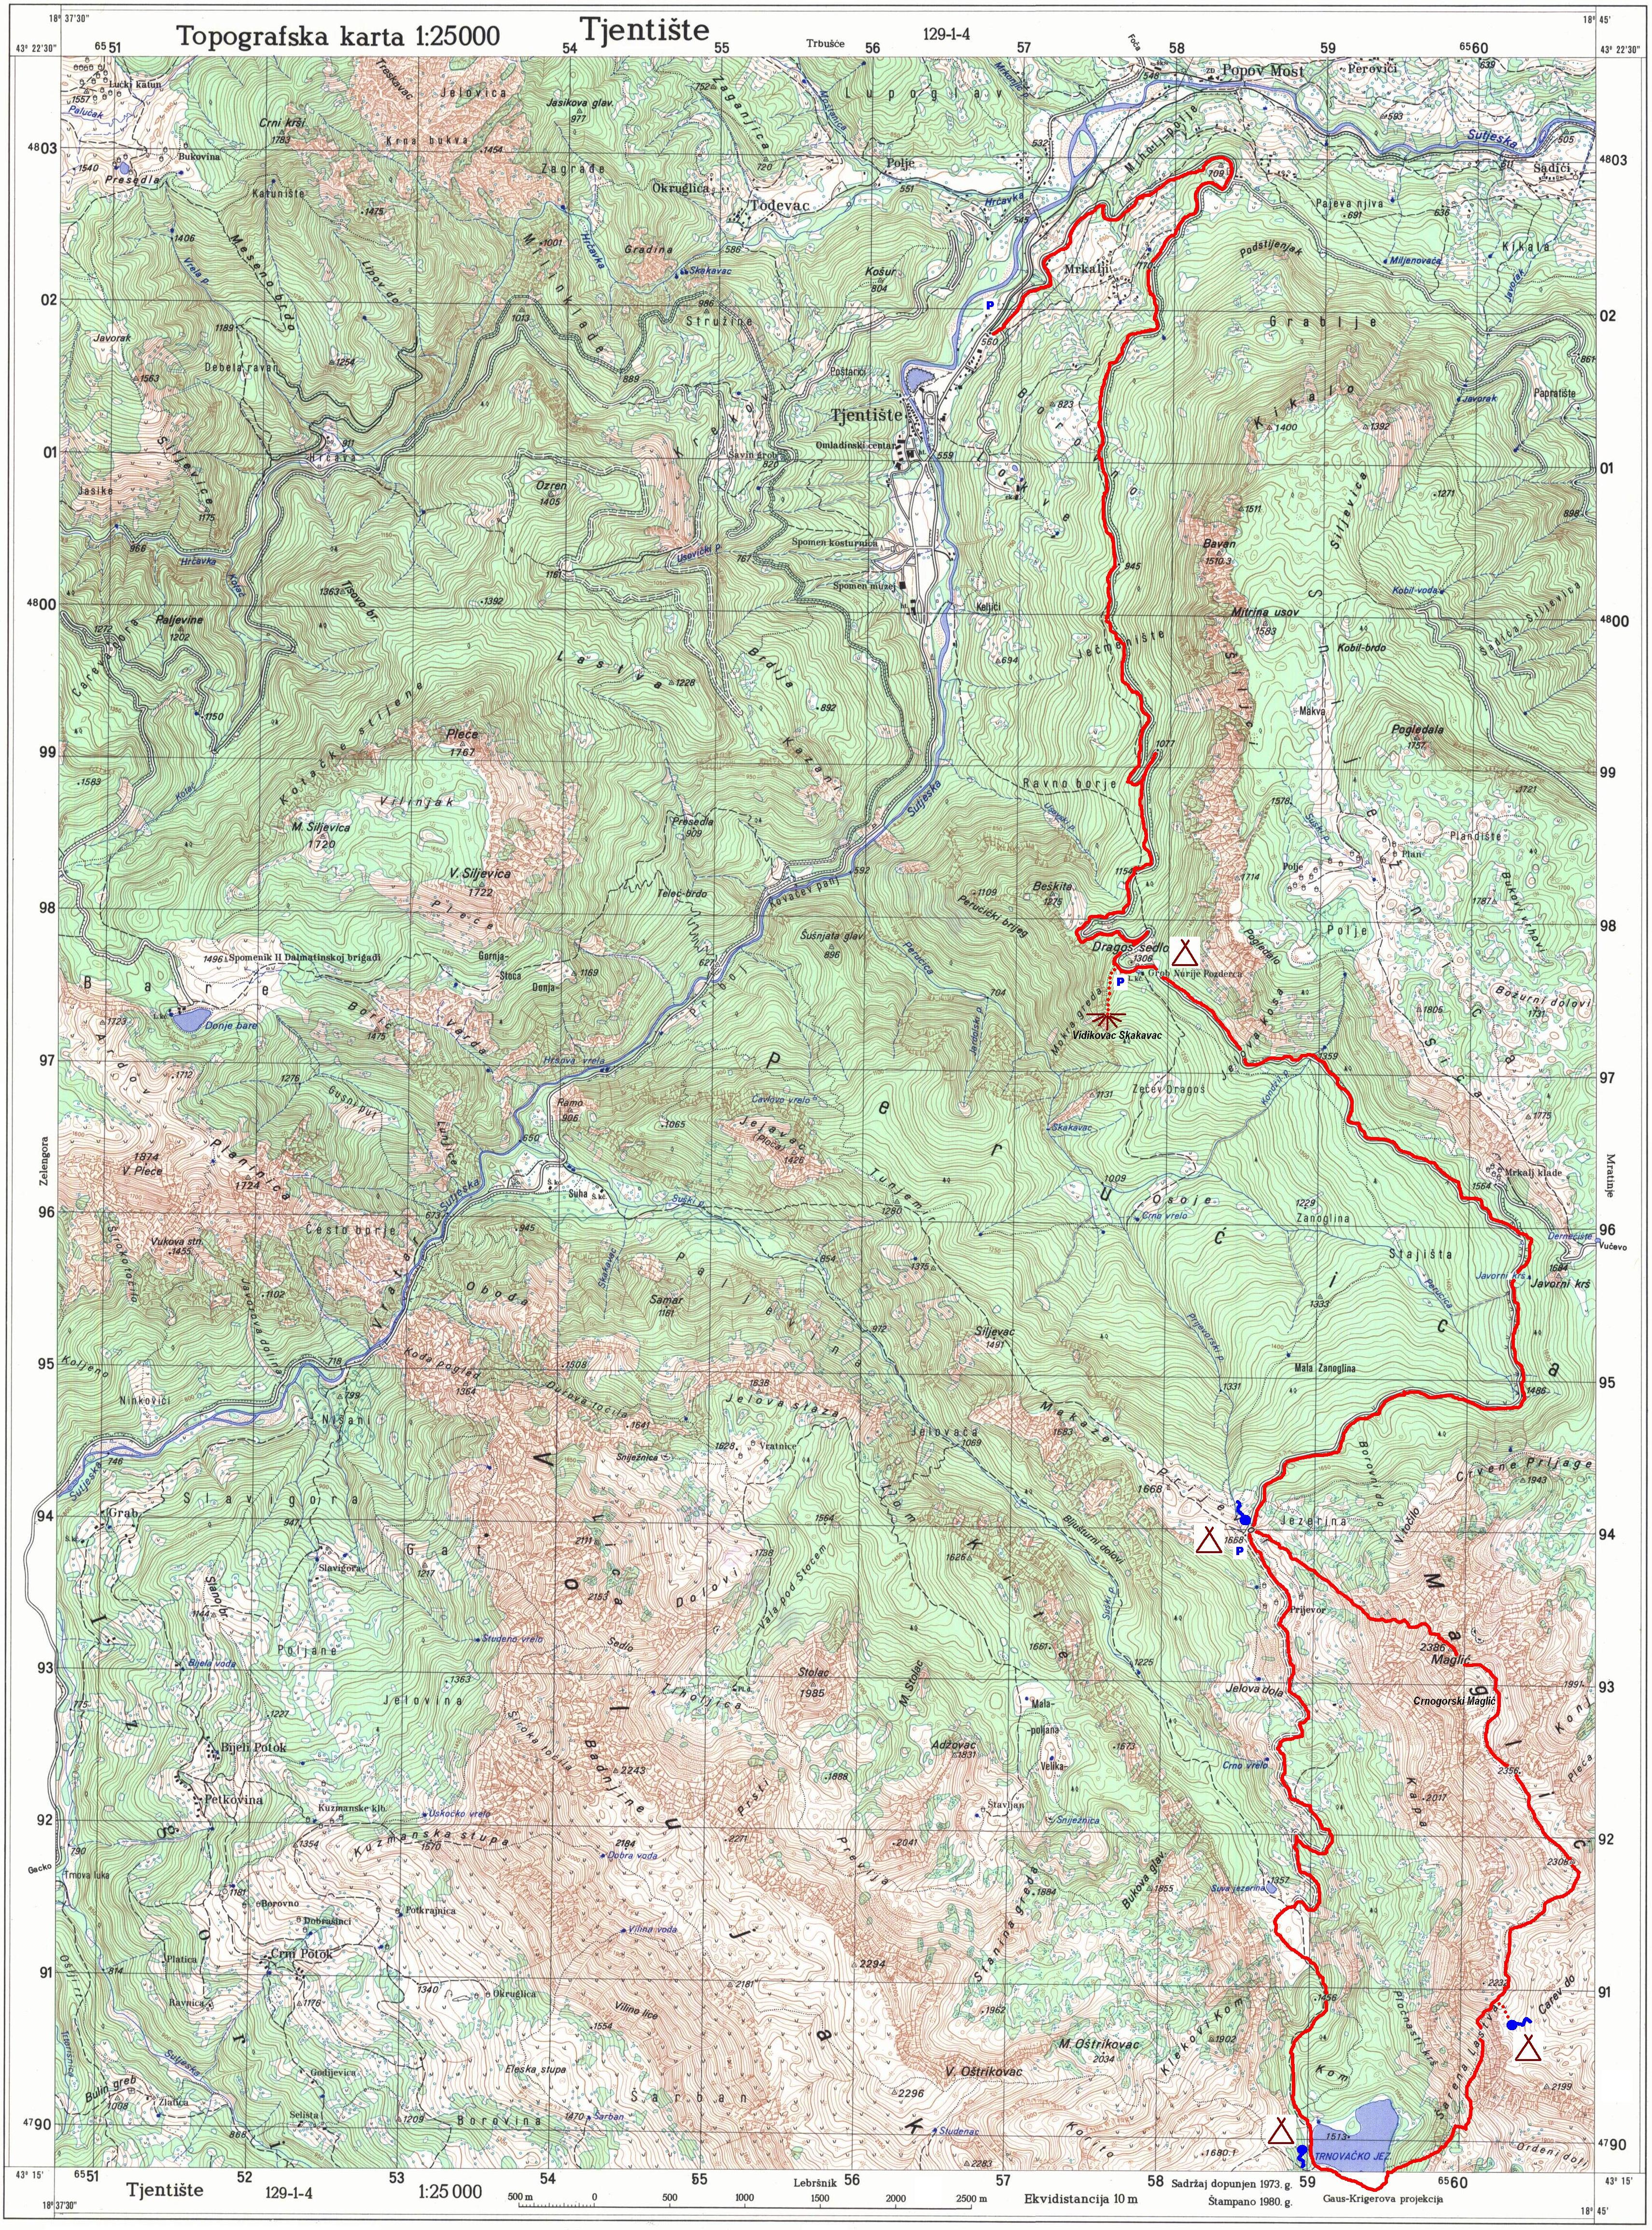 topografska karta srbije 25000 Karte   besplatne online   DINARSKO GORJE topografska karta srbije 25000